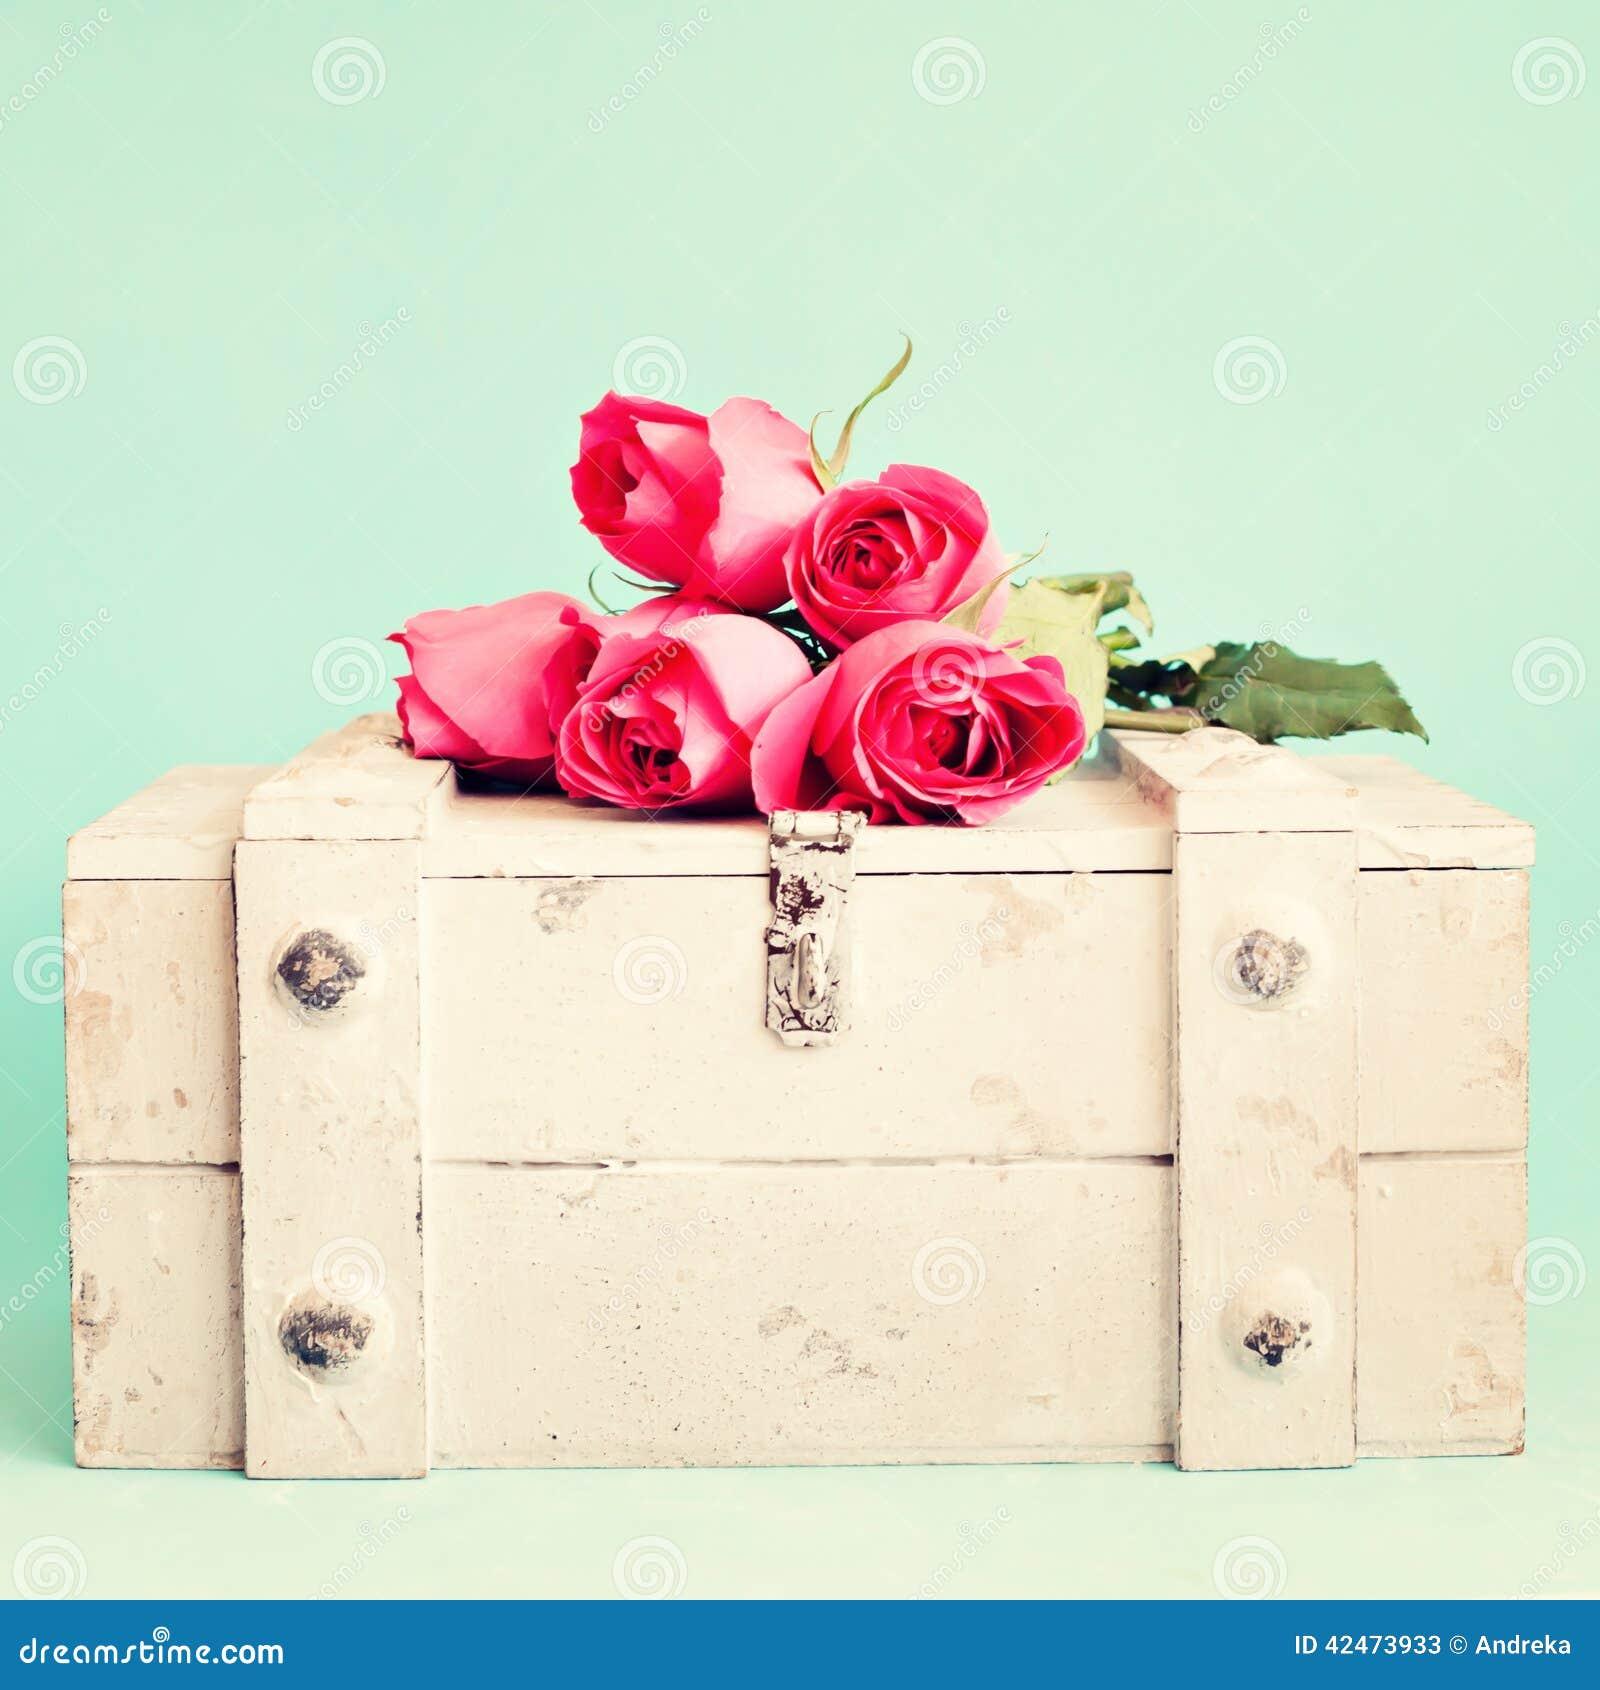 Rosen über einem Kasten